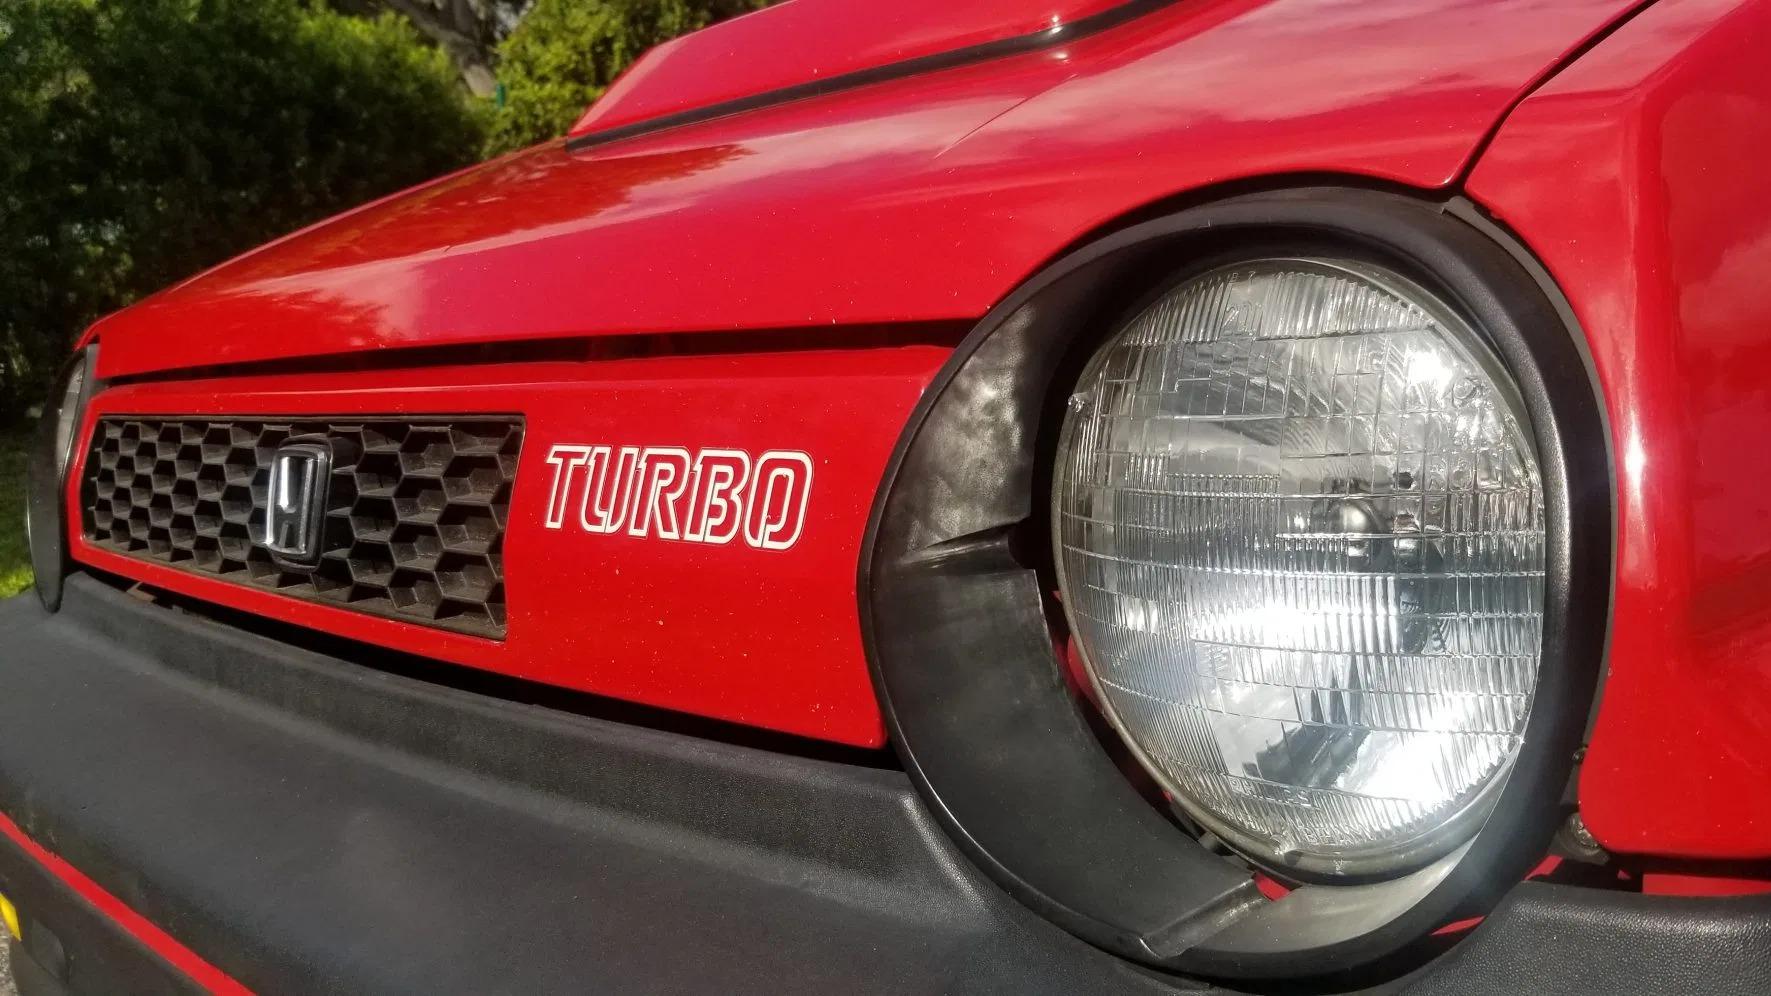 1983 Honda City Turbo headlights